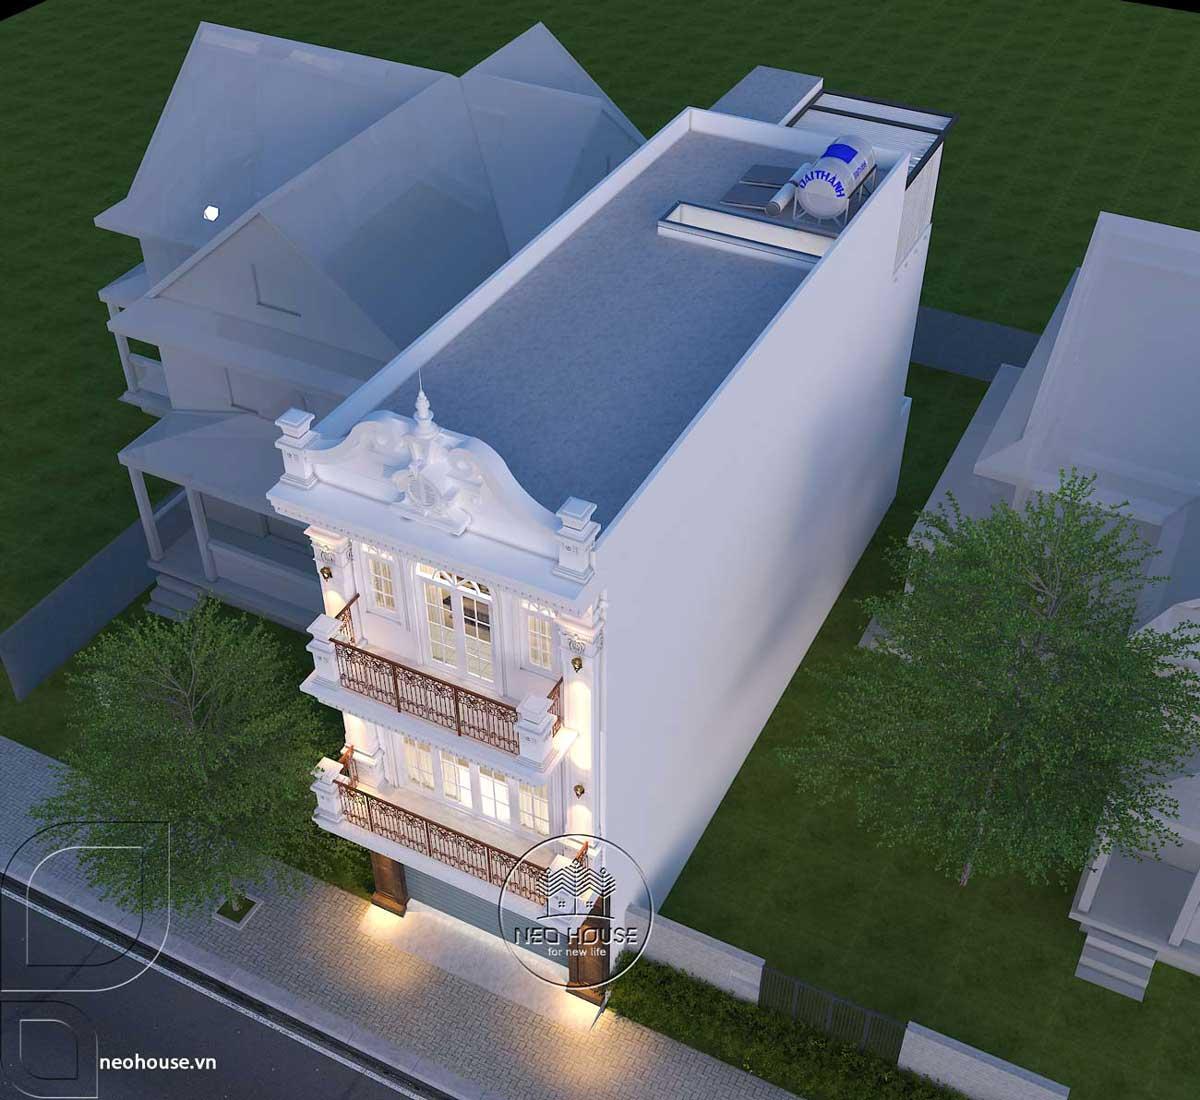 Phương án 2: Thiết kế Biệt Thự Tân Cổ Điển Cửa Nhựa Lõi Thép